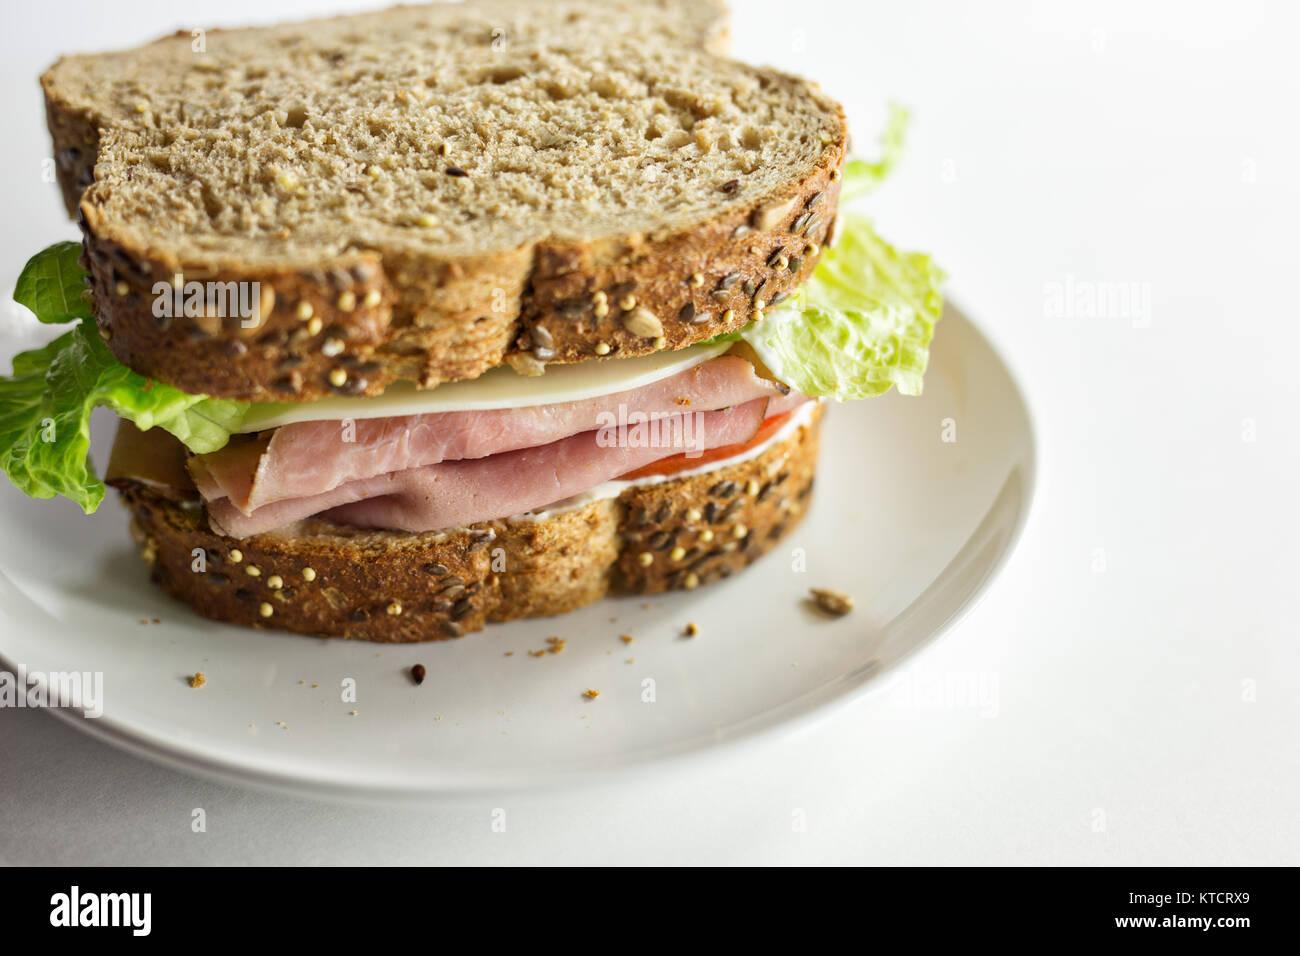 Panino di prosciutto fatto con pane artigianale su una piastra bianca. Copia dello spazio. Sfondo bianco. Immagini Stock